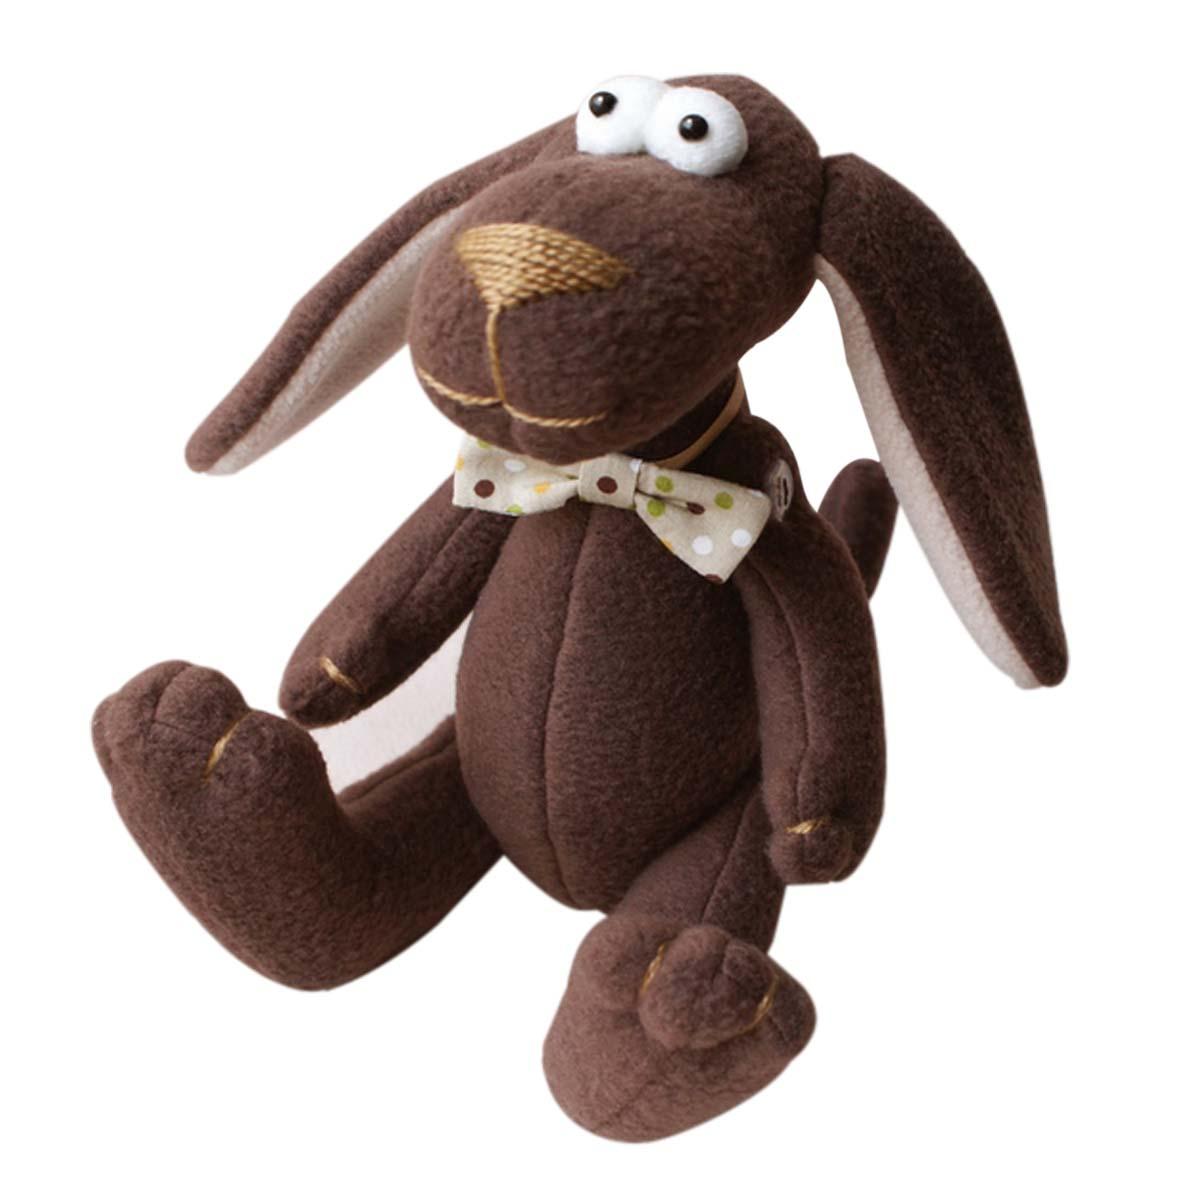 DG001 Набор для изготовления текстильной игрушки 25см 'DOG'S STORY' Собака (Ваниль)